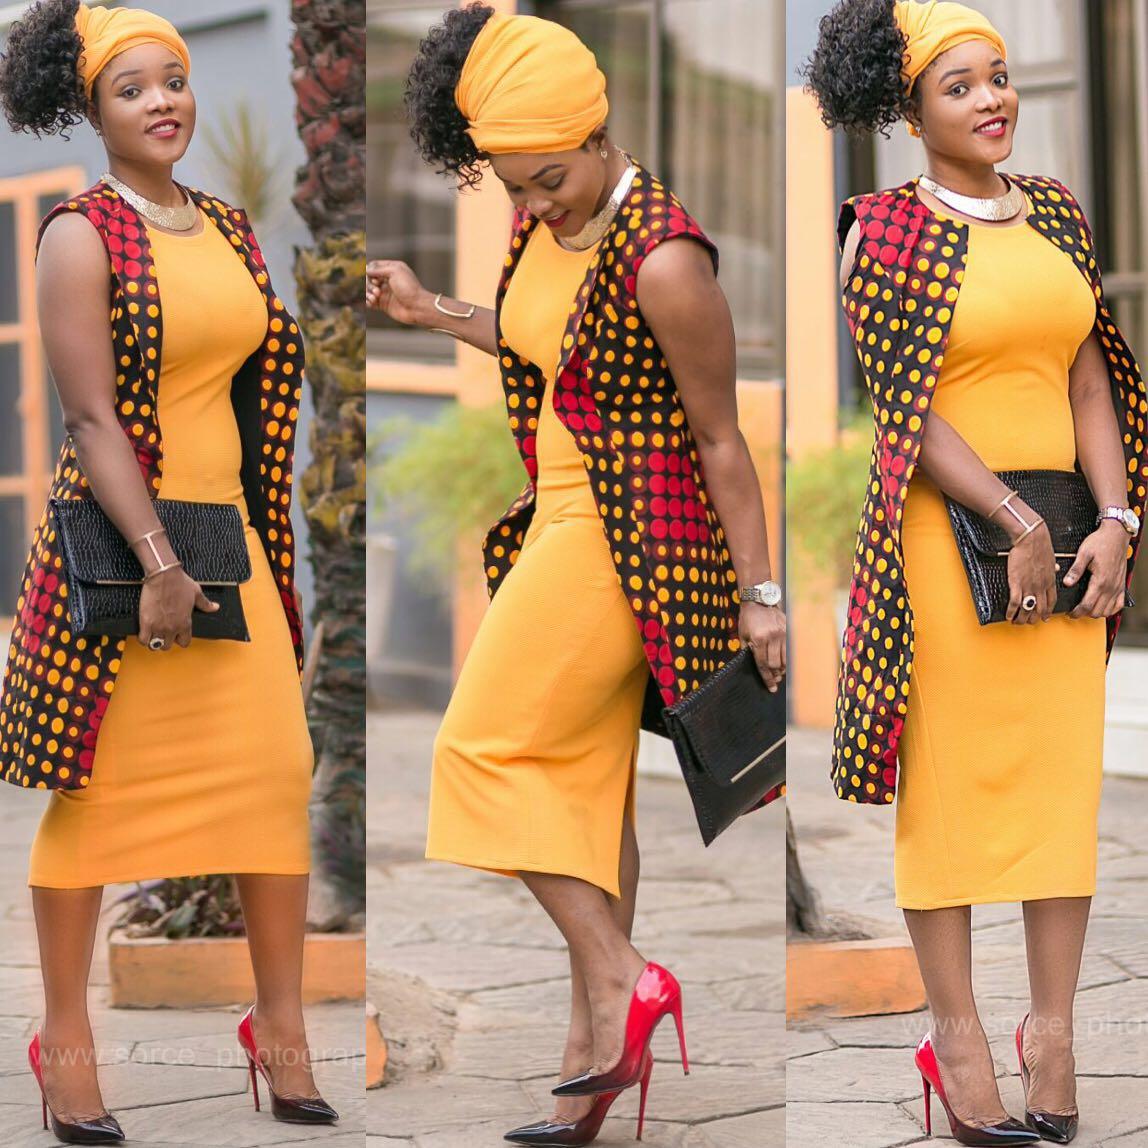 akosuavee.blogspot.com